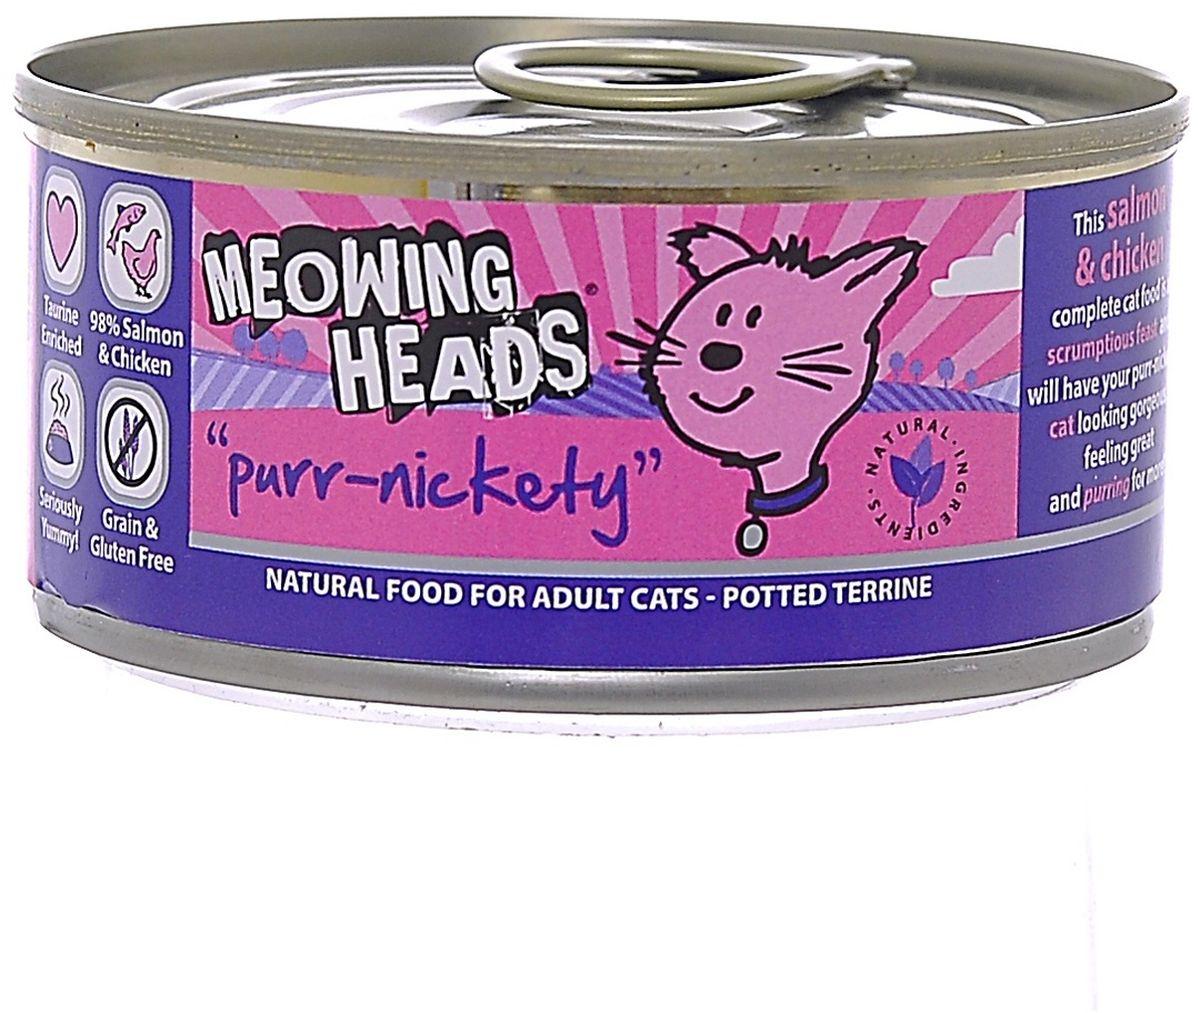 Консервы Barking Heads Мурлыка для кошек, с лососем, курицей и рисом, 100 г20653Консервы Barking Heads Мурлыка - это обед аристократа. Пусть питомец почувствует всю вашу любовь! Отличный вкус, нежный аромат натурального корма и заботливый хозяин рядом - что еще нужно счастливому питомцу! Консервы можно использовать в качестве полнорационного корма.Состав: 98% курицы и лосося ( 45% лосося, 28% курицы, 25% куриного бульона), минералы, лососевый жир, подсолнечное масло.Гарантированный анализ: белок 10.8%, жиры 6.7%, зола 2.5%, клетчатка 0.4%, влага 79%.Витамины (на кг): D3 200IU/кг, витамин E 30 мг/кг.Комплекс микроэлементов: моногидрат сульфата цинка 15 г, моногидрат сульфата марганца 3 г, иодат кальция 0.75 мг.Товар сертифицирован.Чем кормить пожилых кошек: советы ветеринара. Статья OZON Гид